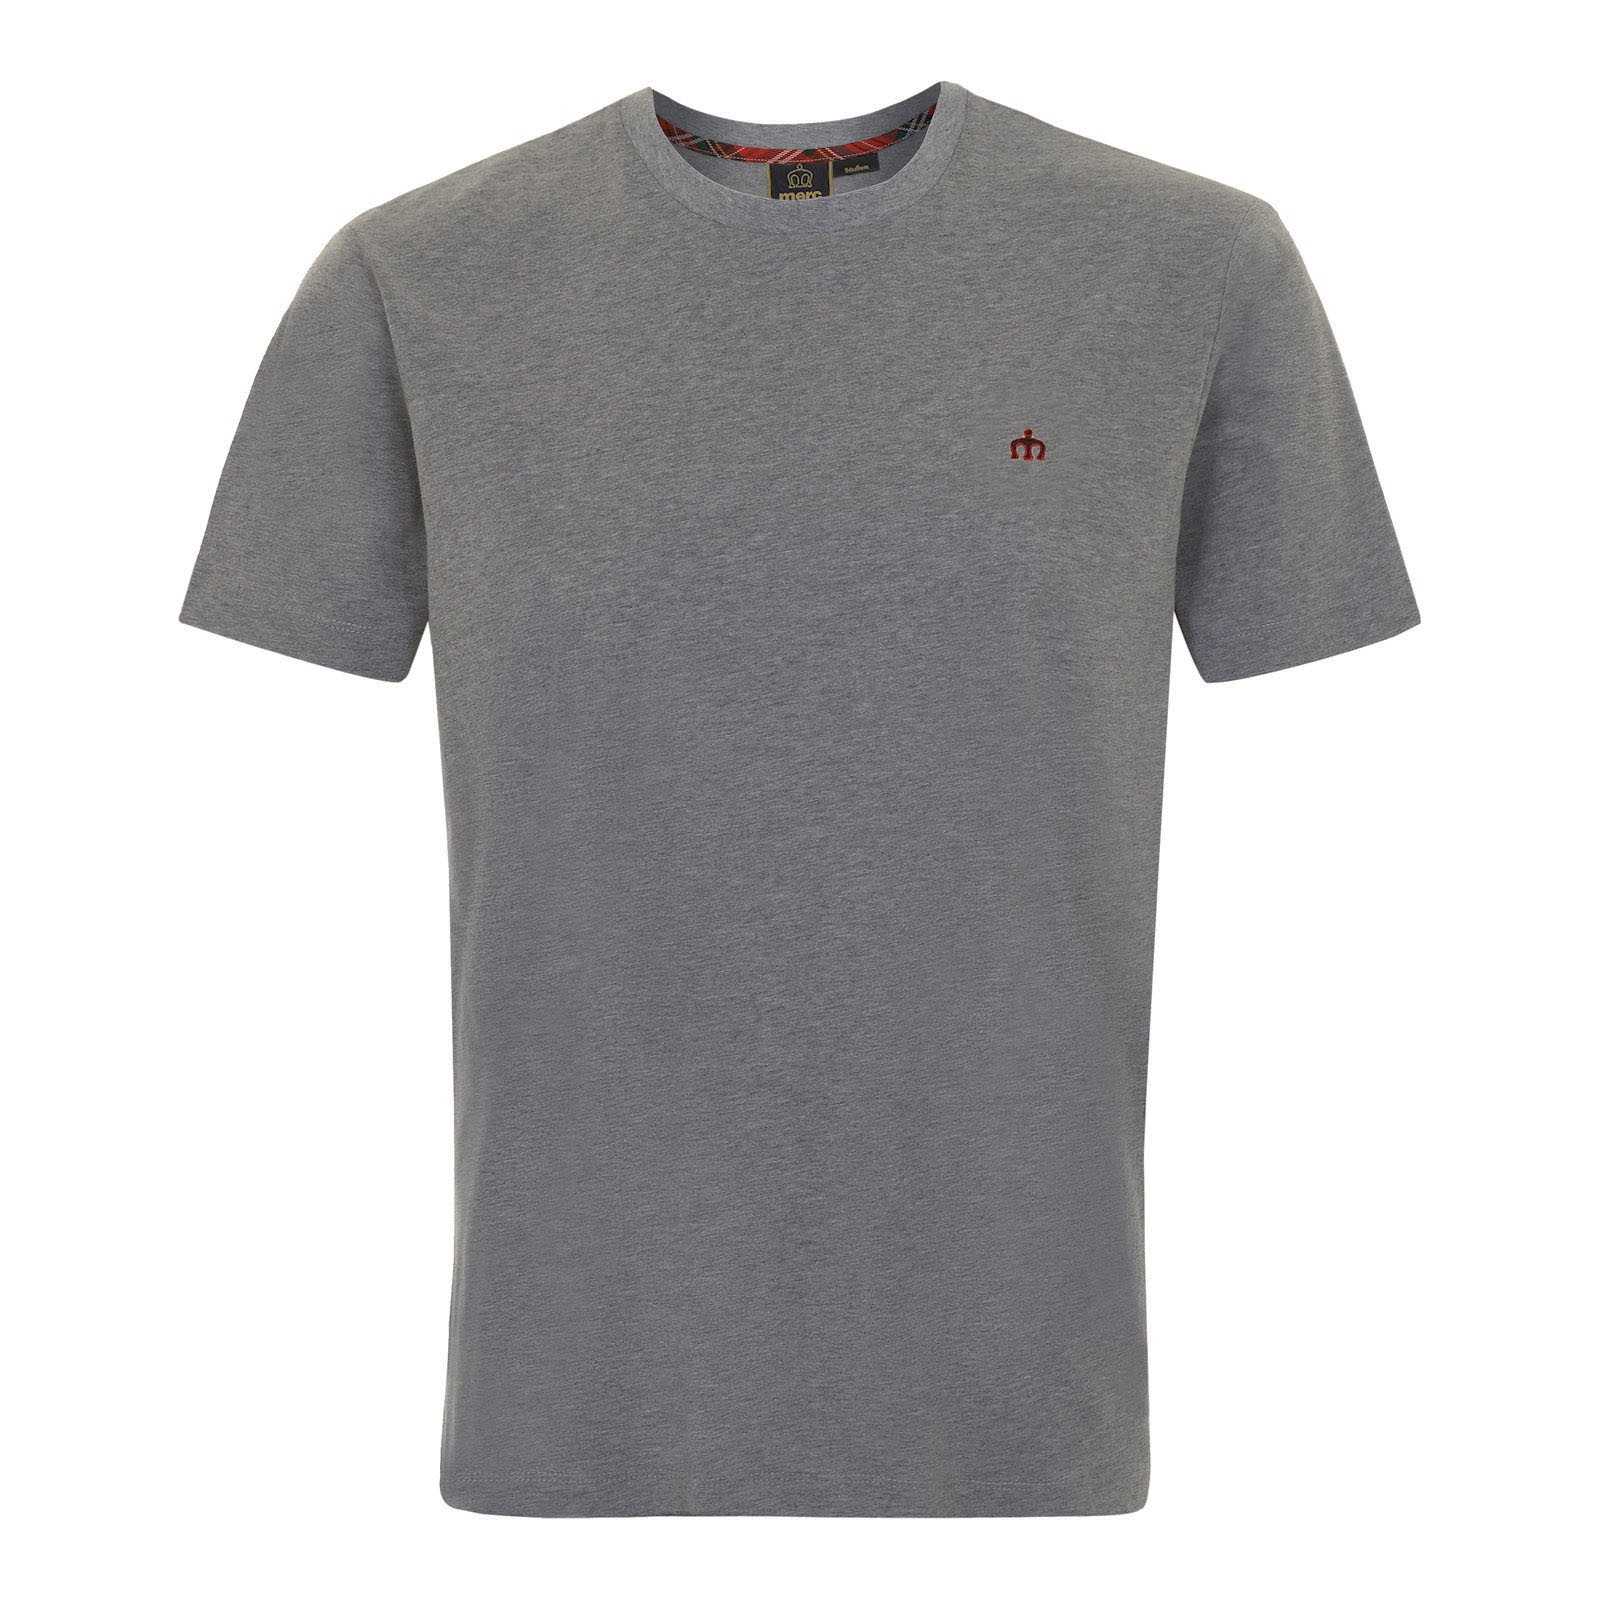 Koszulka MERC LONDON KEYPORT T SHIRT, Szara